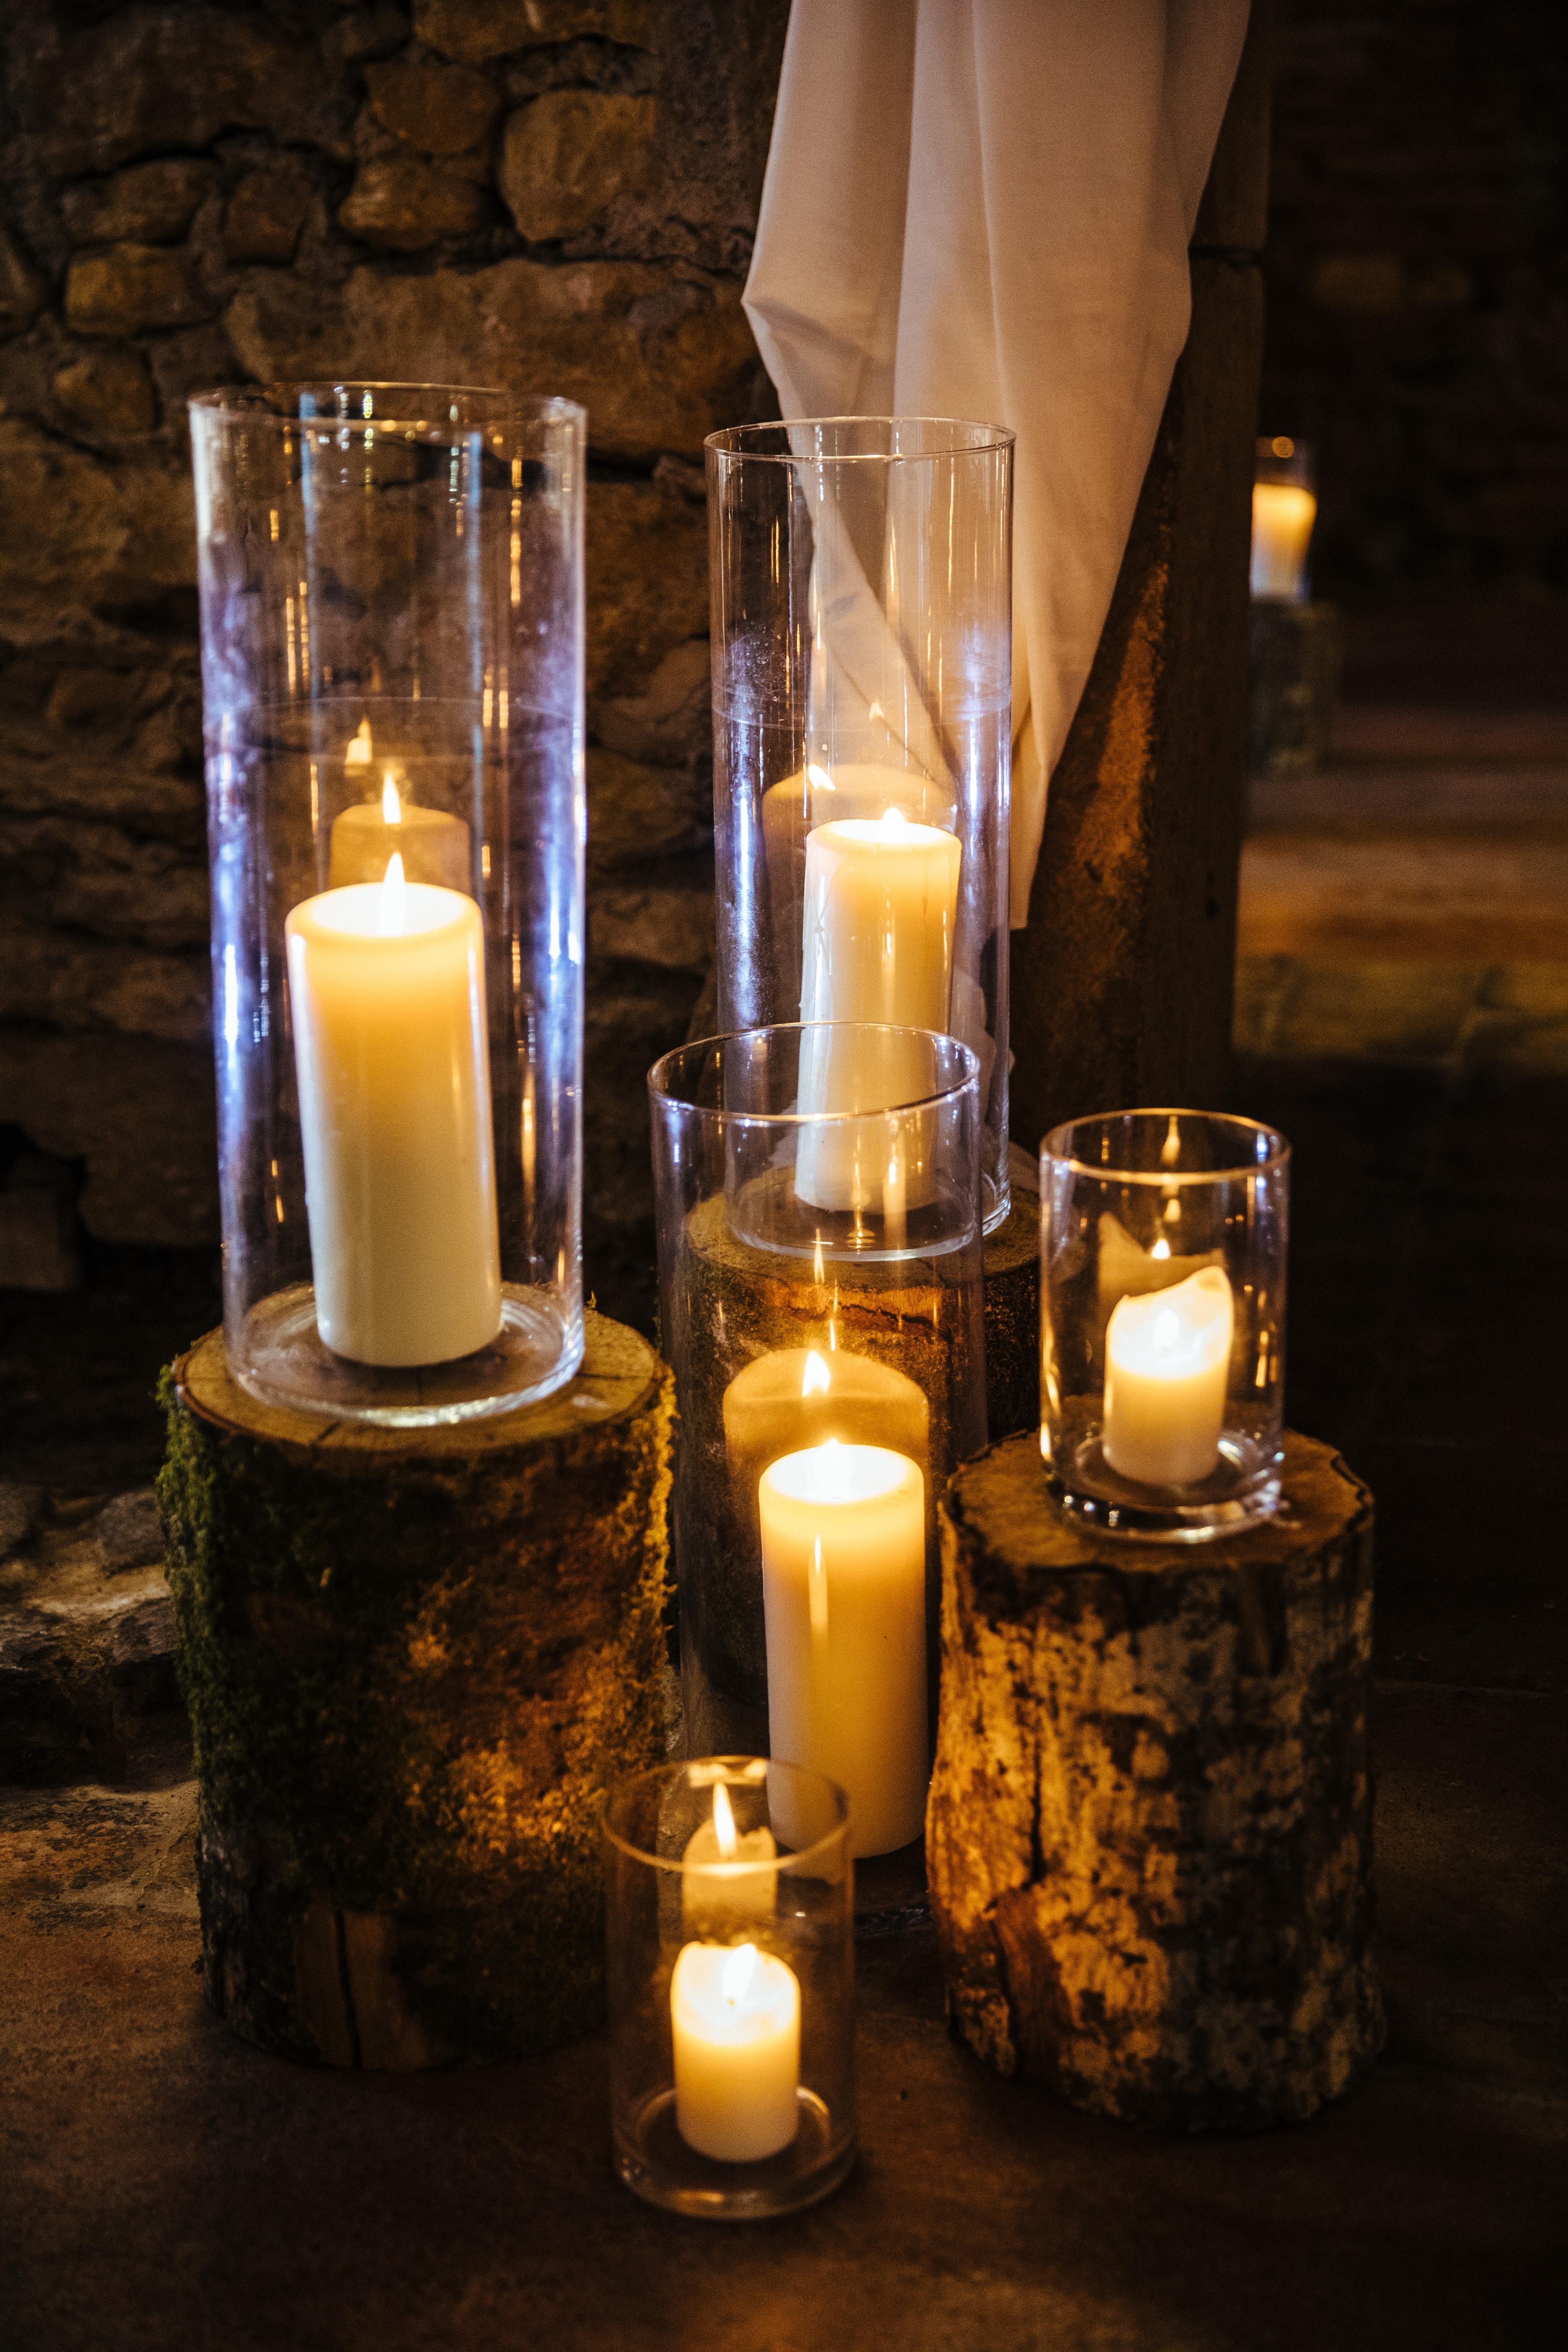 décoration de mariage orange - cérémonie laïque - rondin de bois et bougies